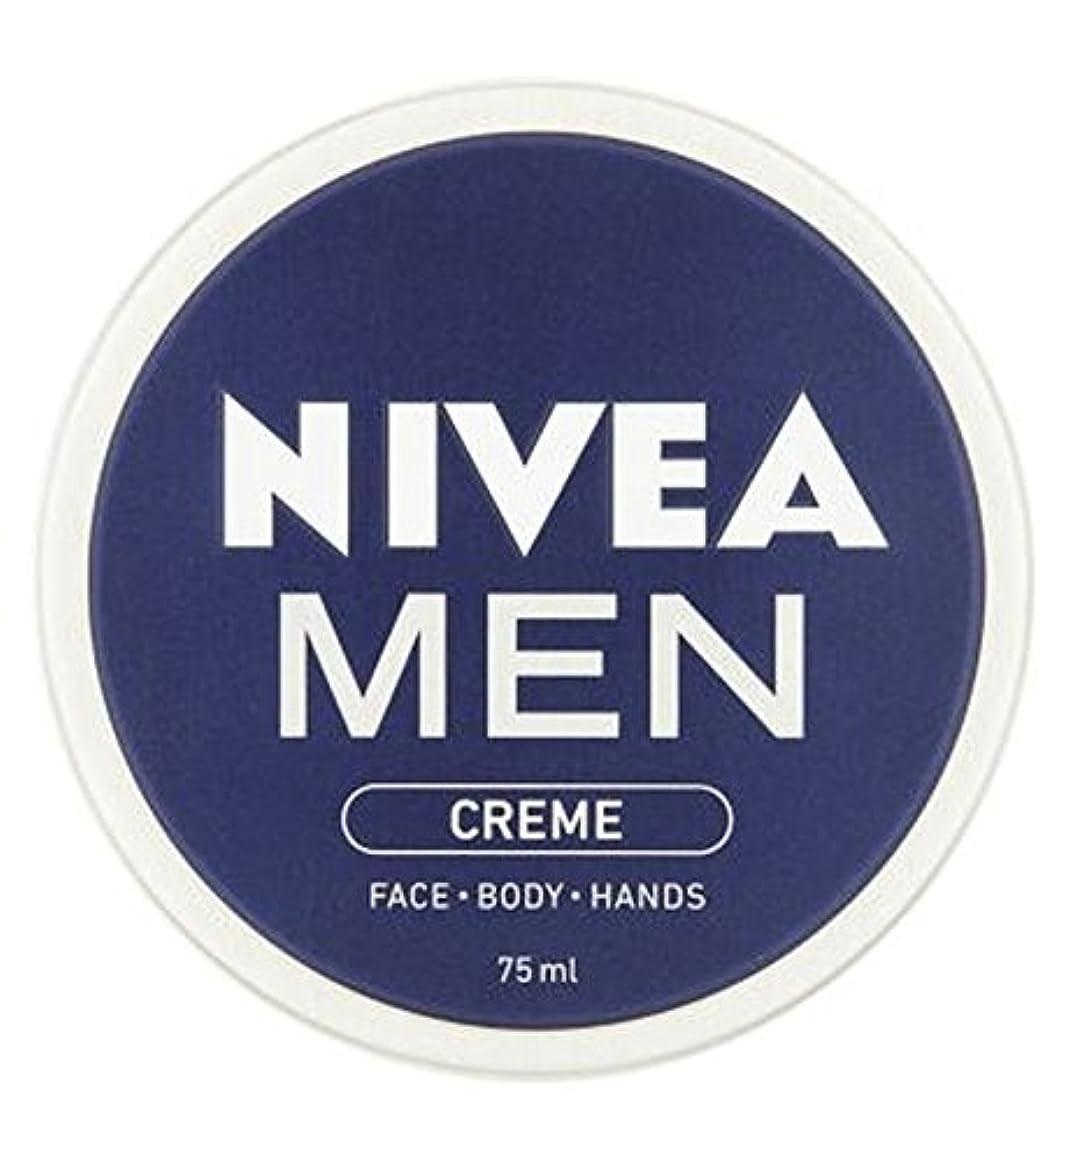 厚いケーブルカー新着NIVEA MEN Creme 75ml - ニベアの男性は75ミリリットルをクリーム (Nivea) [並行輸入品]